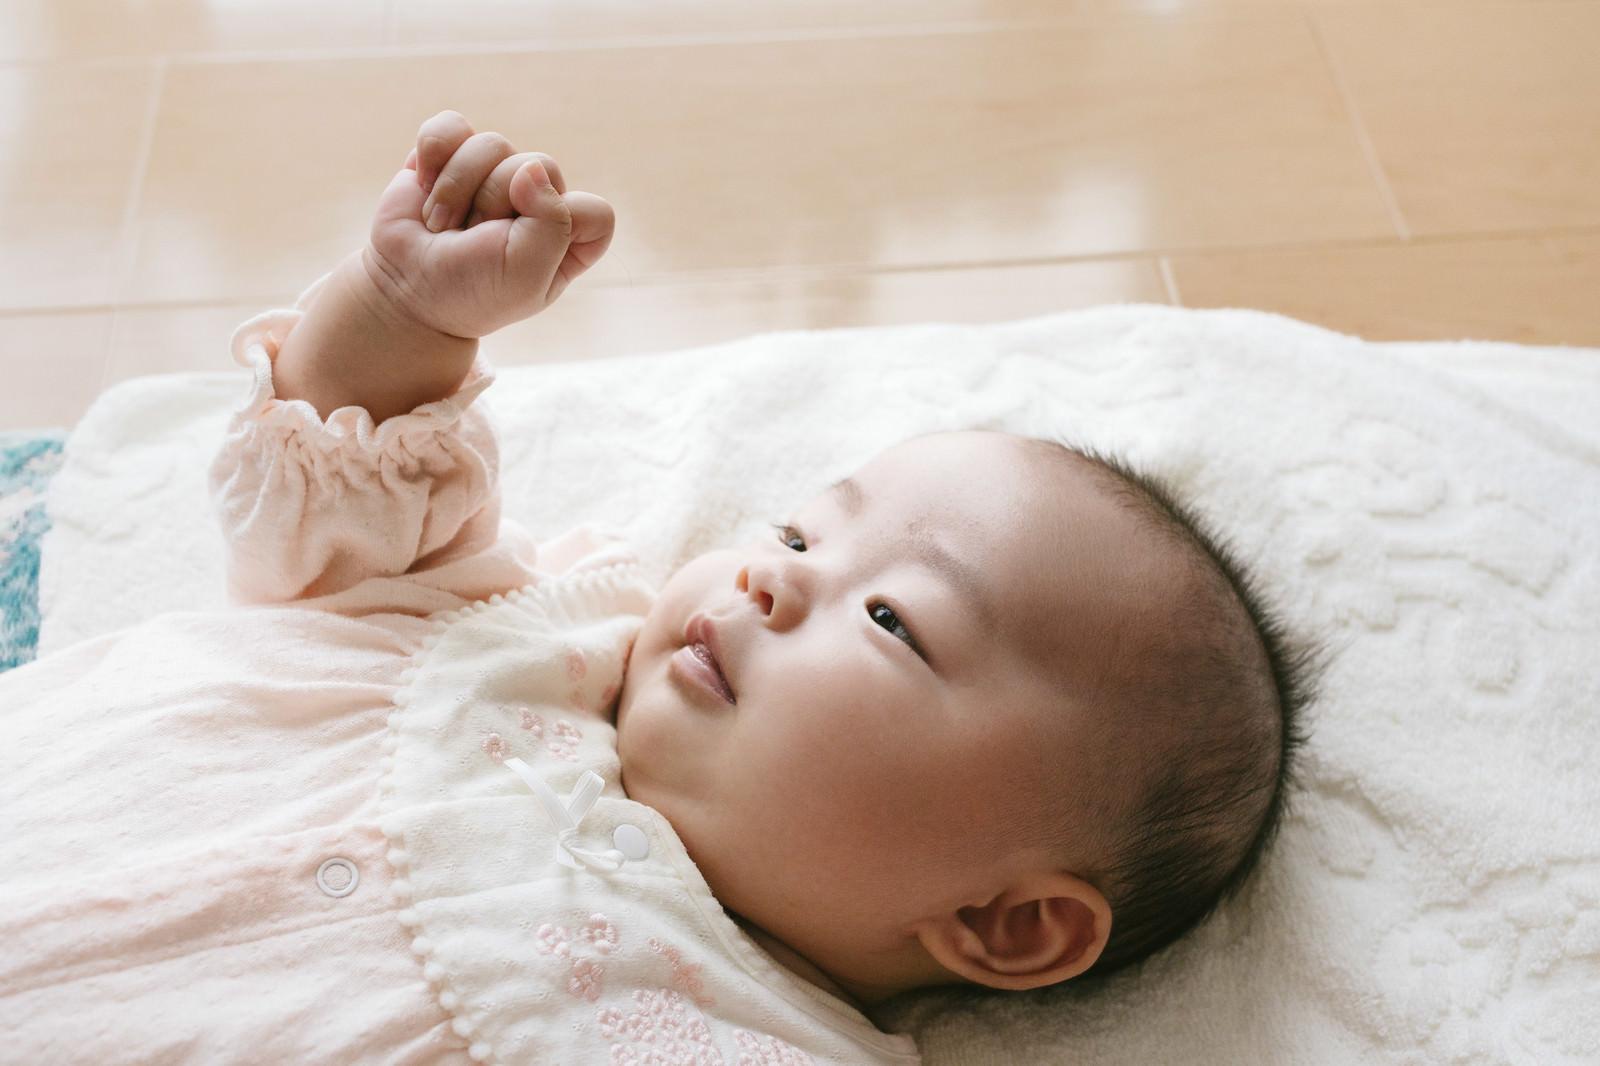 「グーパーする乳幼児」の写真